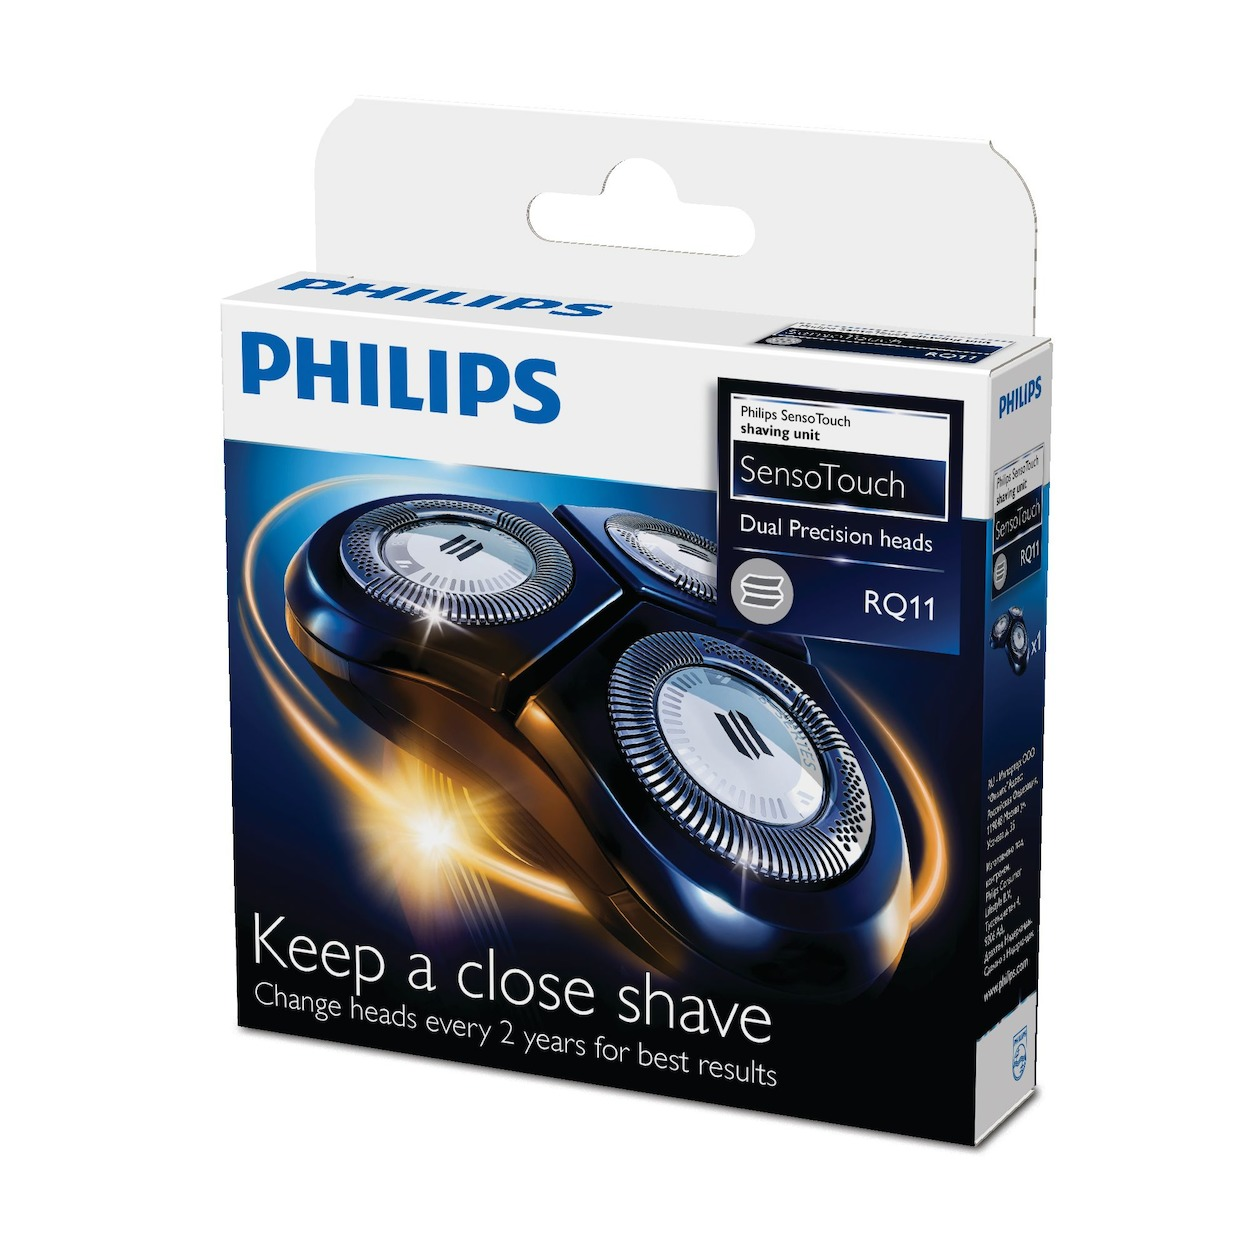 philips SensoTouch 2D scheerhoofden RQ11